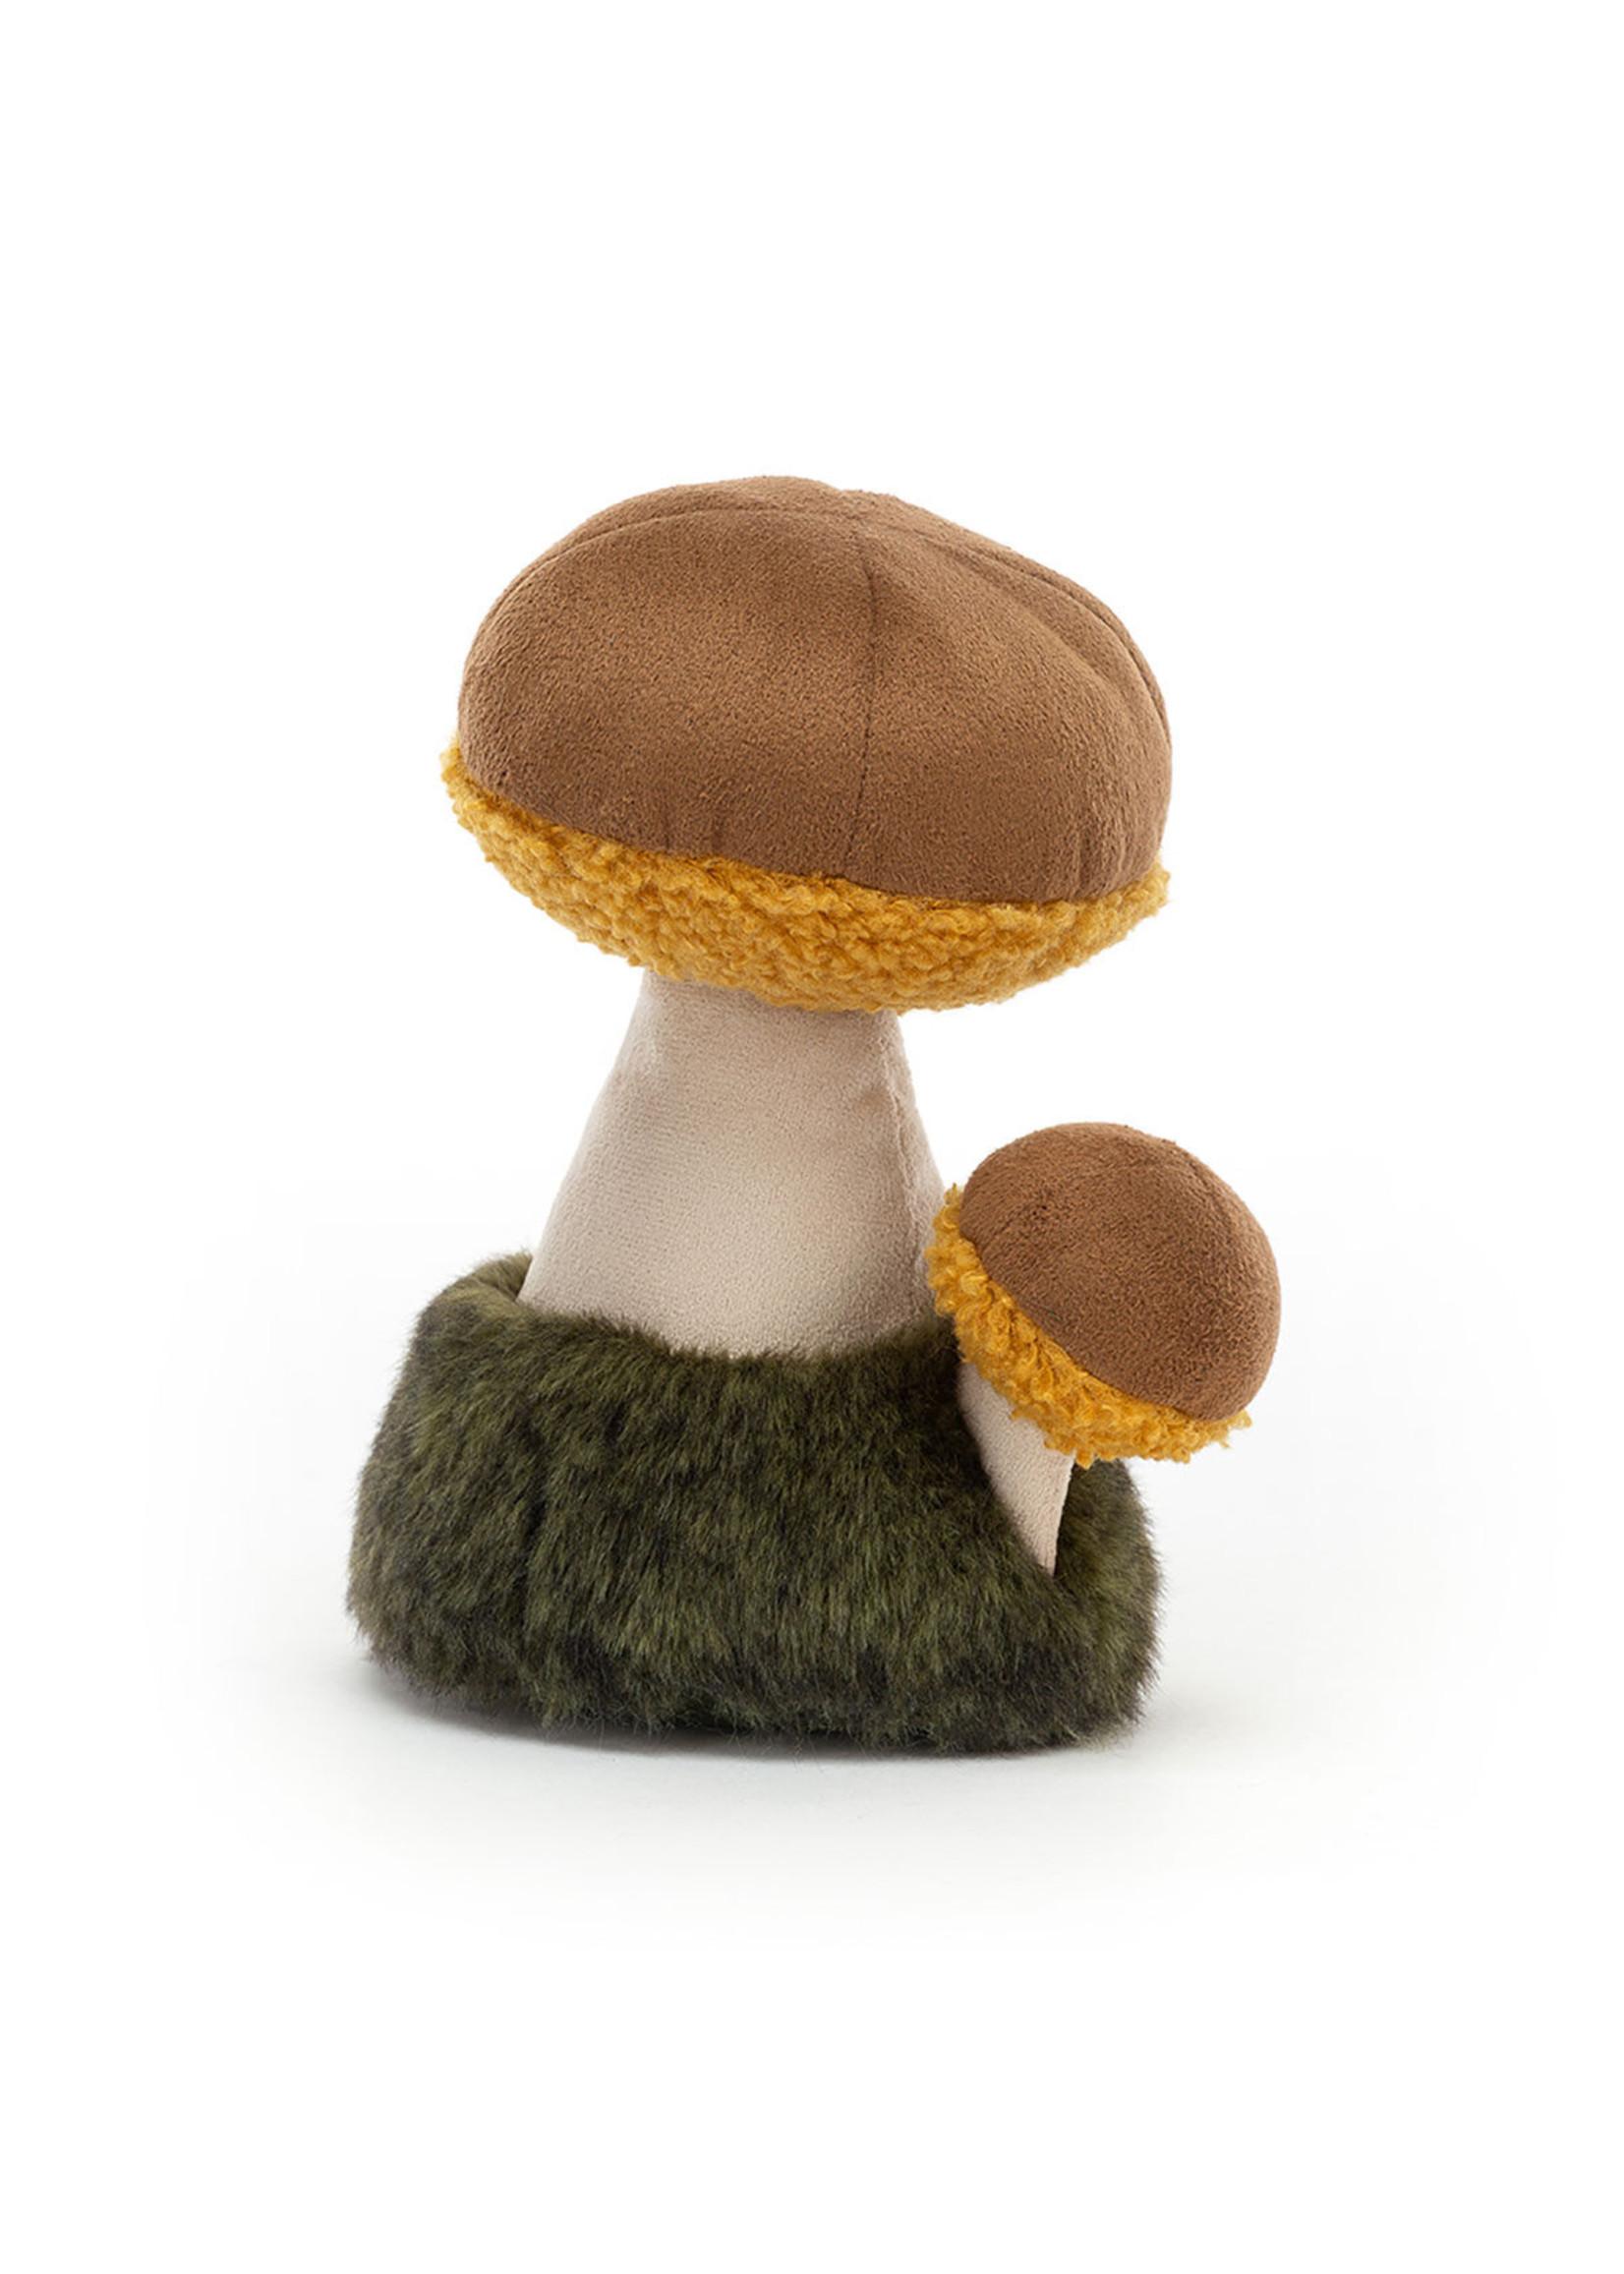 Jellycat Peluche Boletus Mushroom